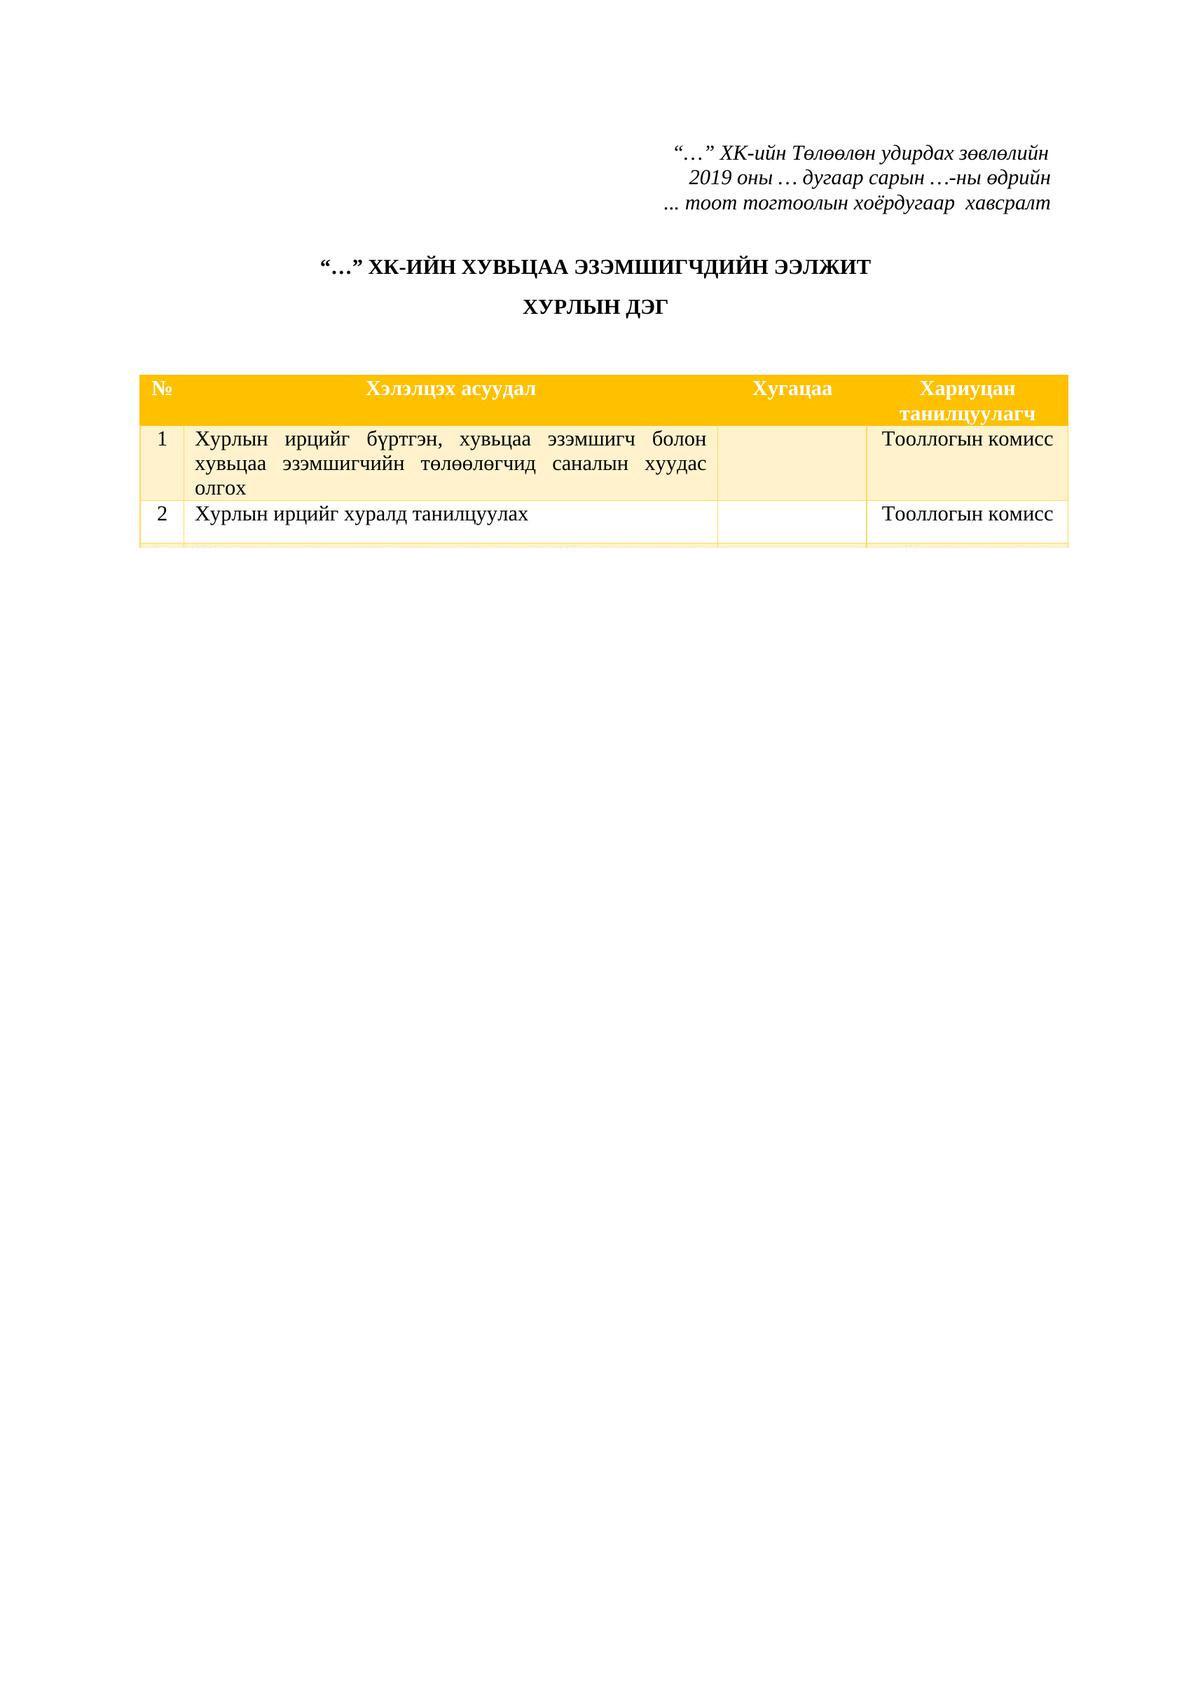 ХЭЭХ-ыг хуралдуулахтай холбоотой багц баримт бичиг -1